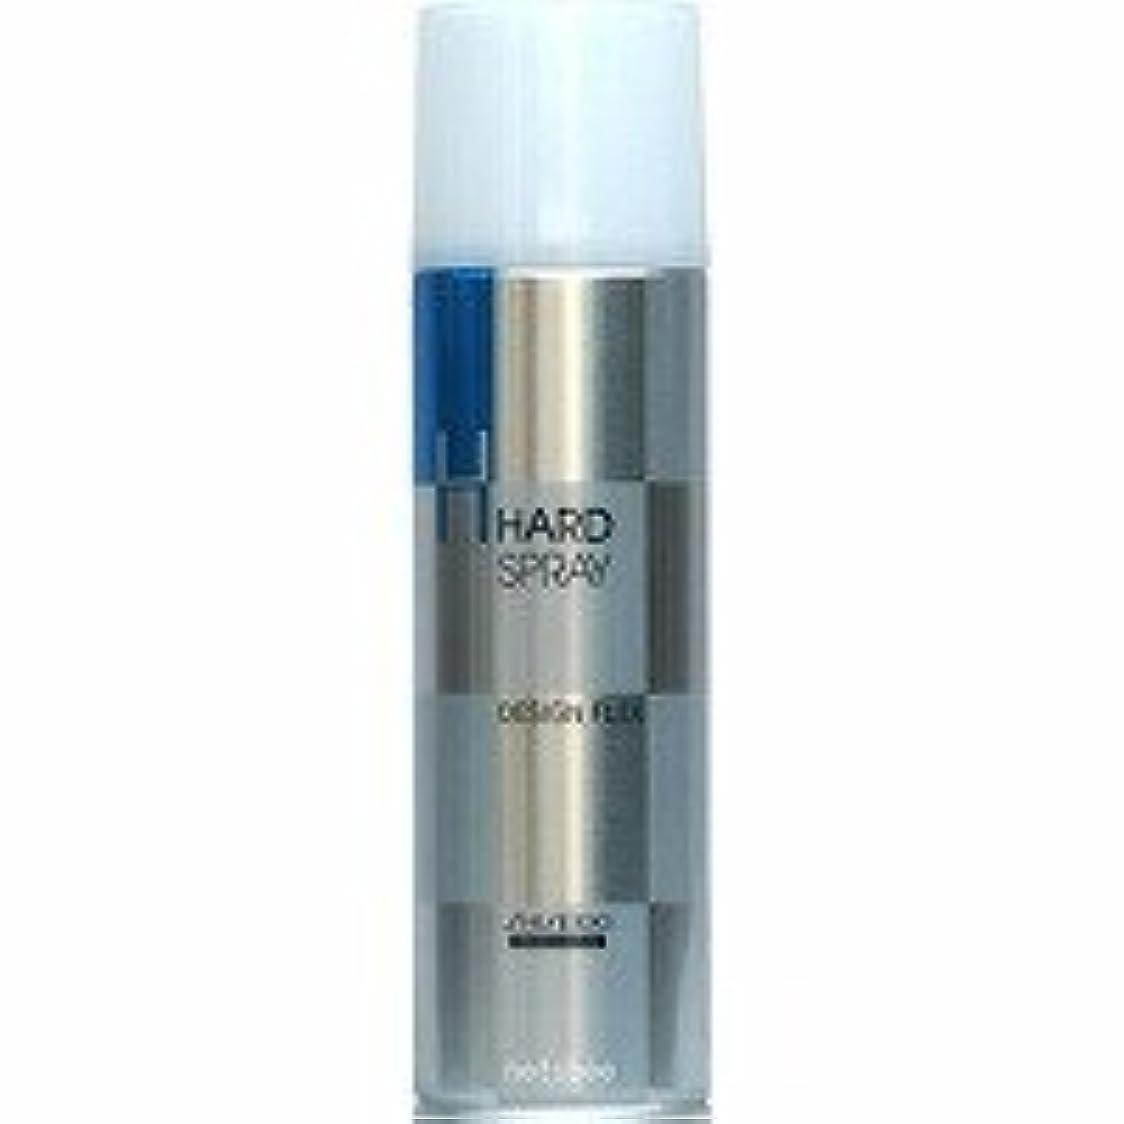 【X3個セット】 資生堂プロフェッショナル デザインフレックス ハードスプレー 260g shiseido PROFESSIONAL